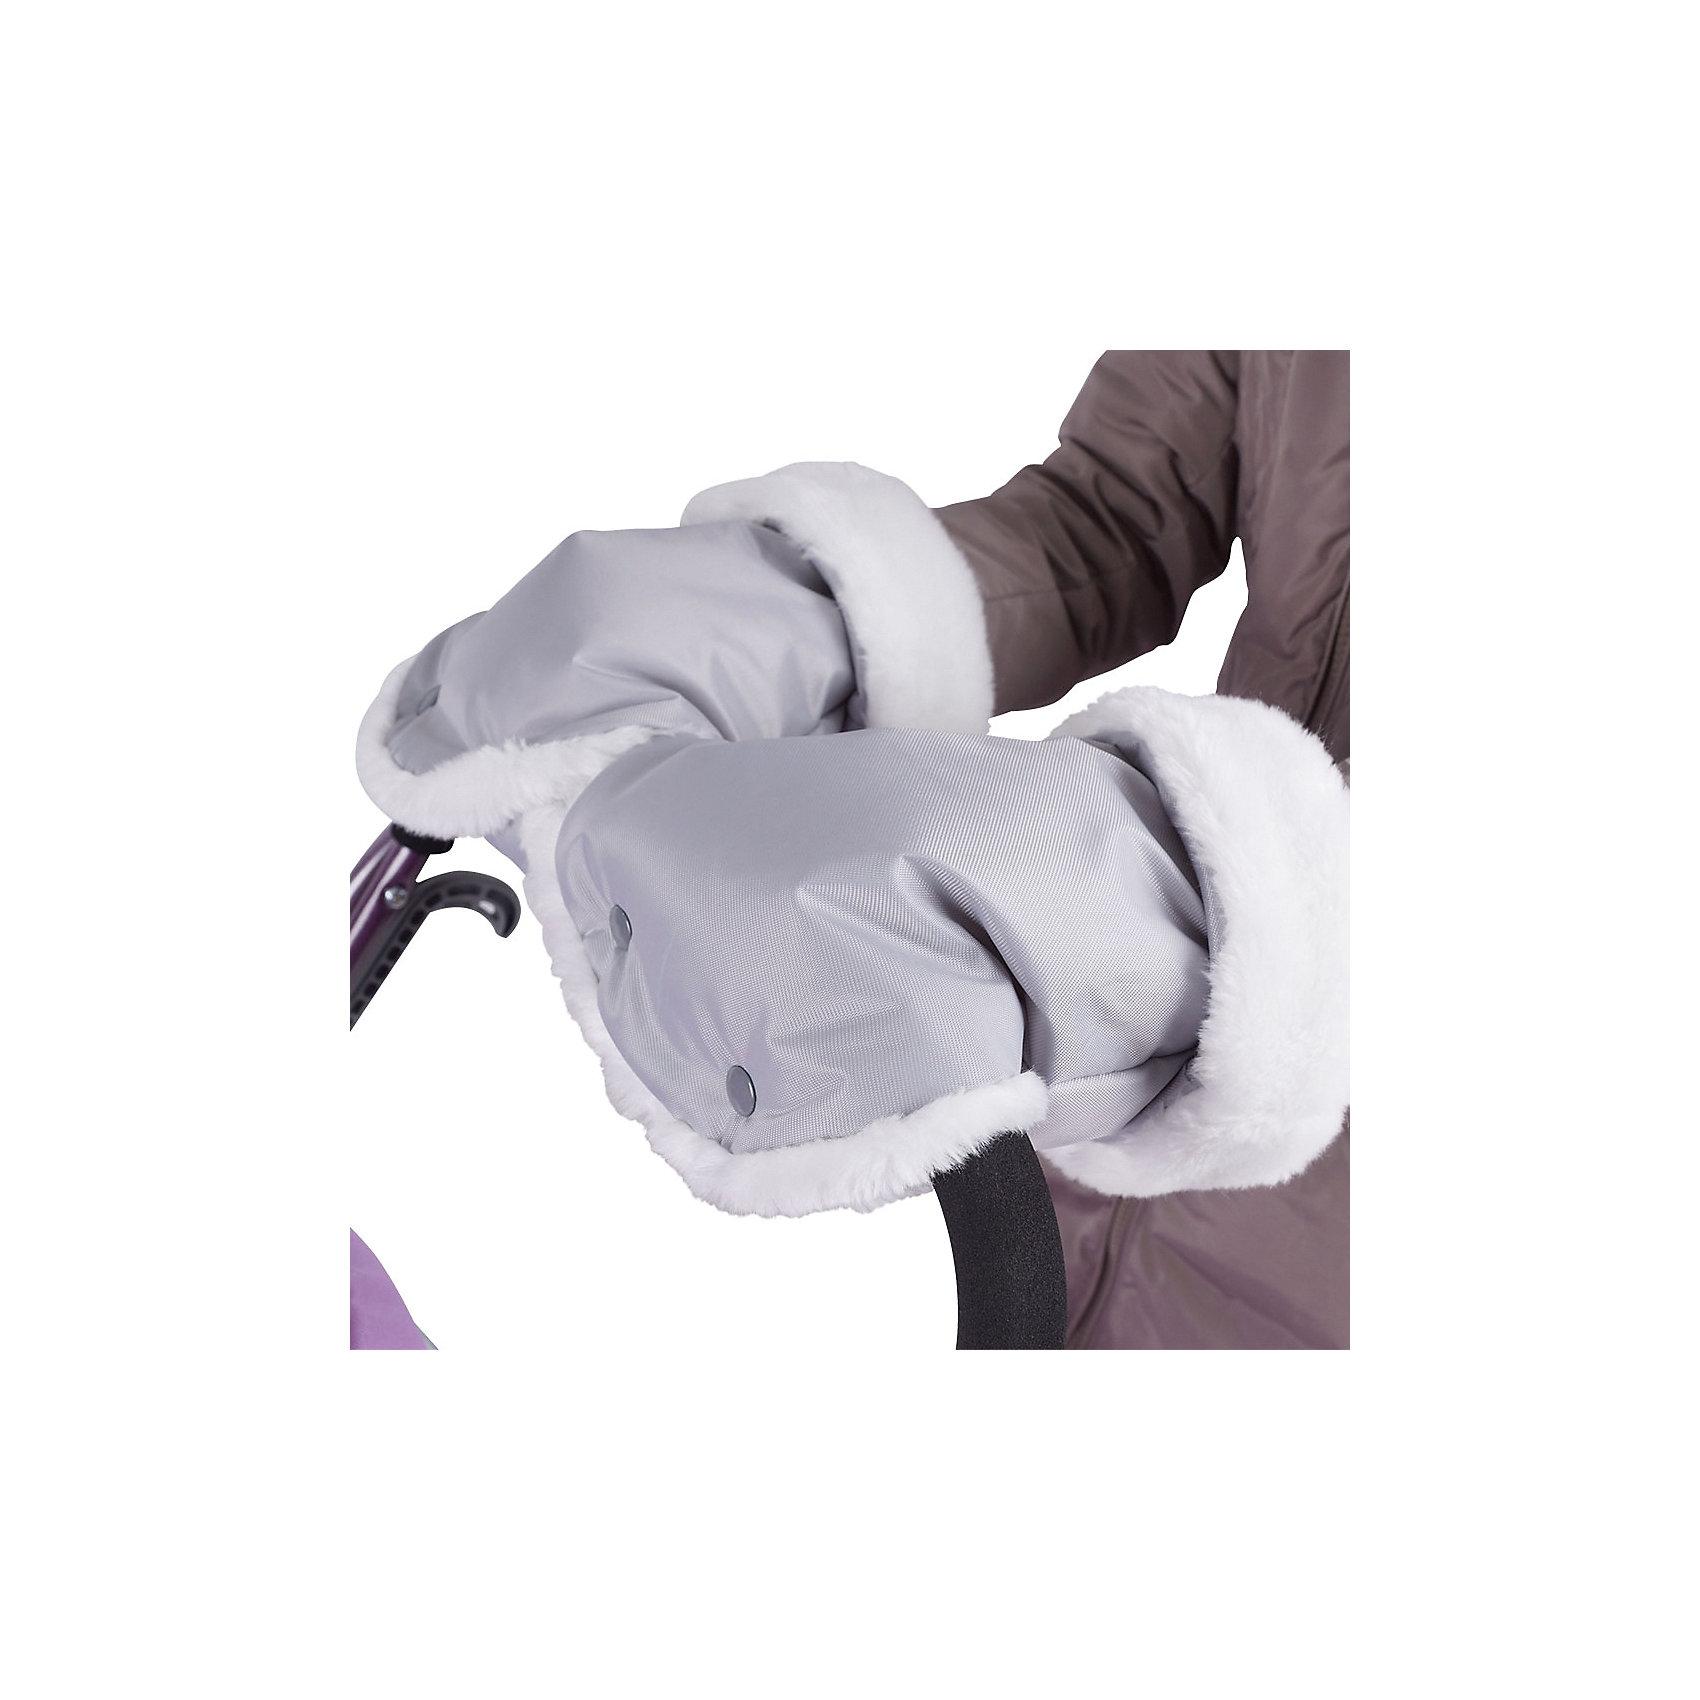 Рукавички для рук (РС1), Ника, светло-серый